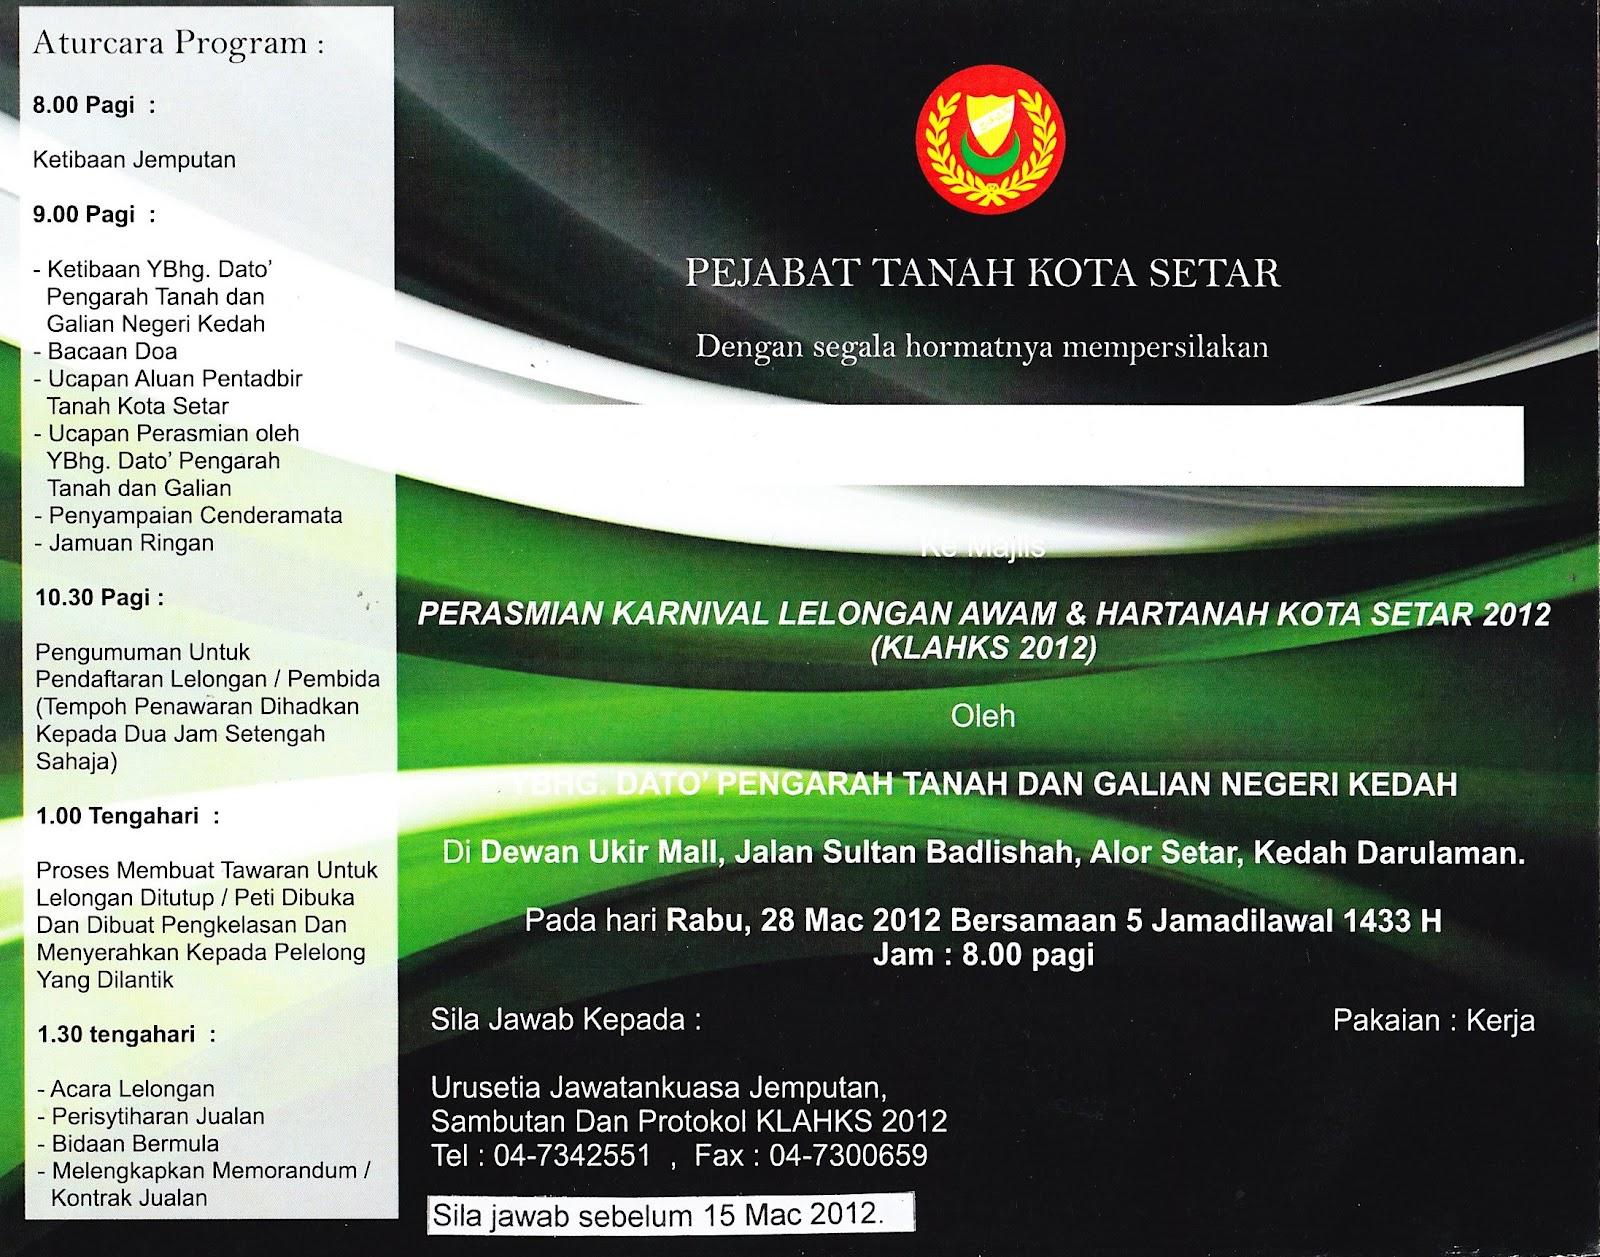 Contoh Kad Jemputan Majlis Doa Selamat Portal